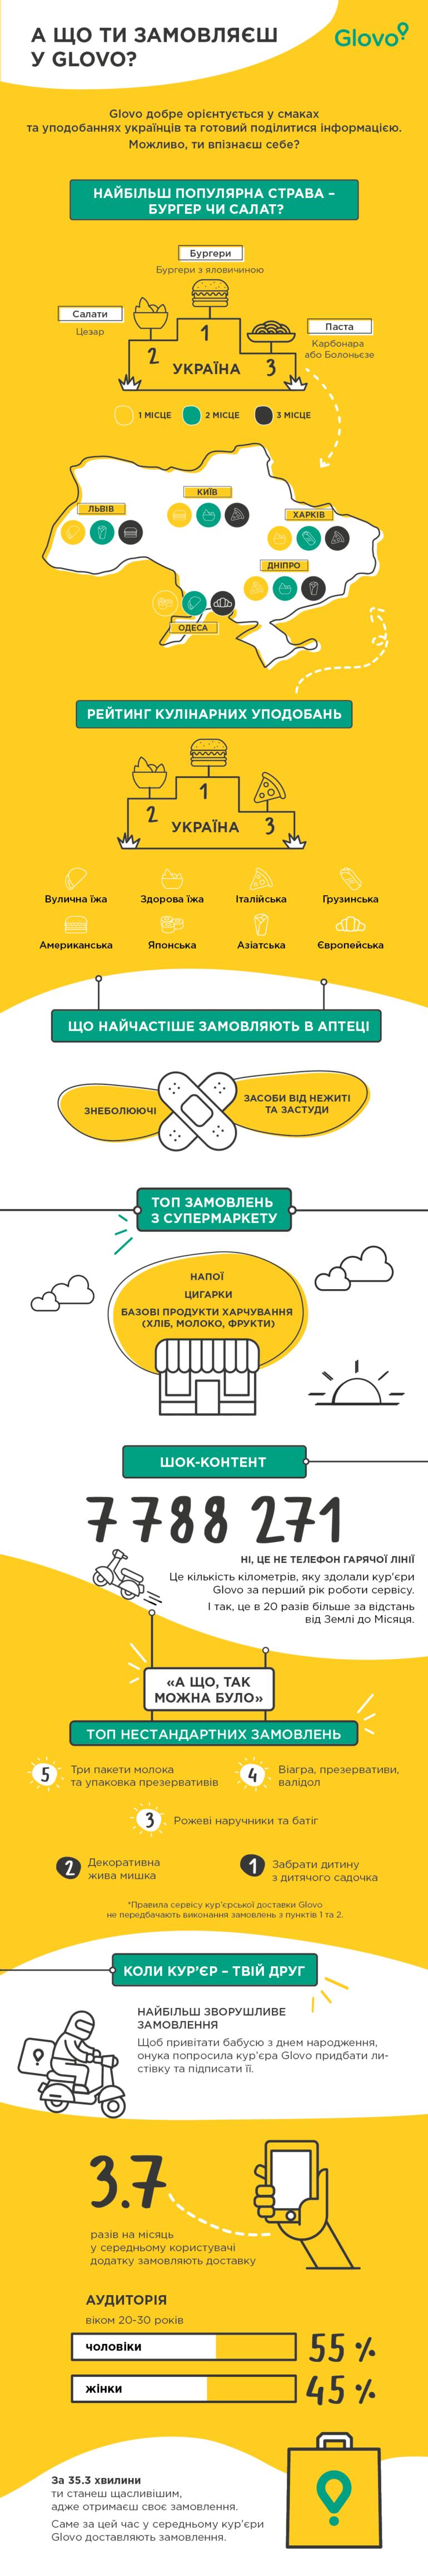 Что и как украинцы чаще всего заказывали в Glovo в первый год работы сервиса [инфографика]